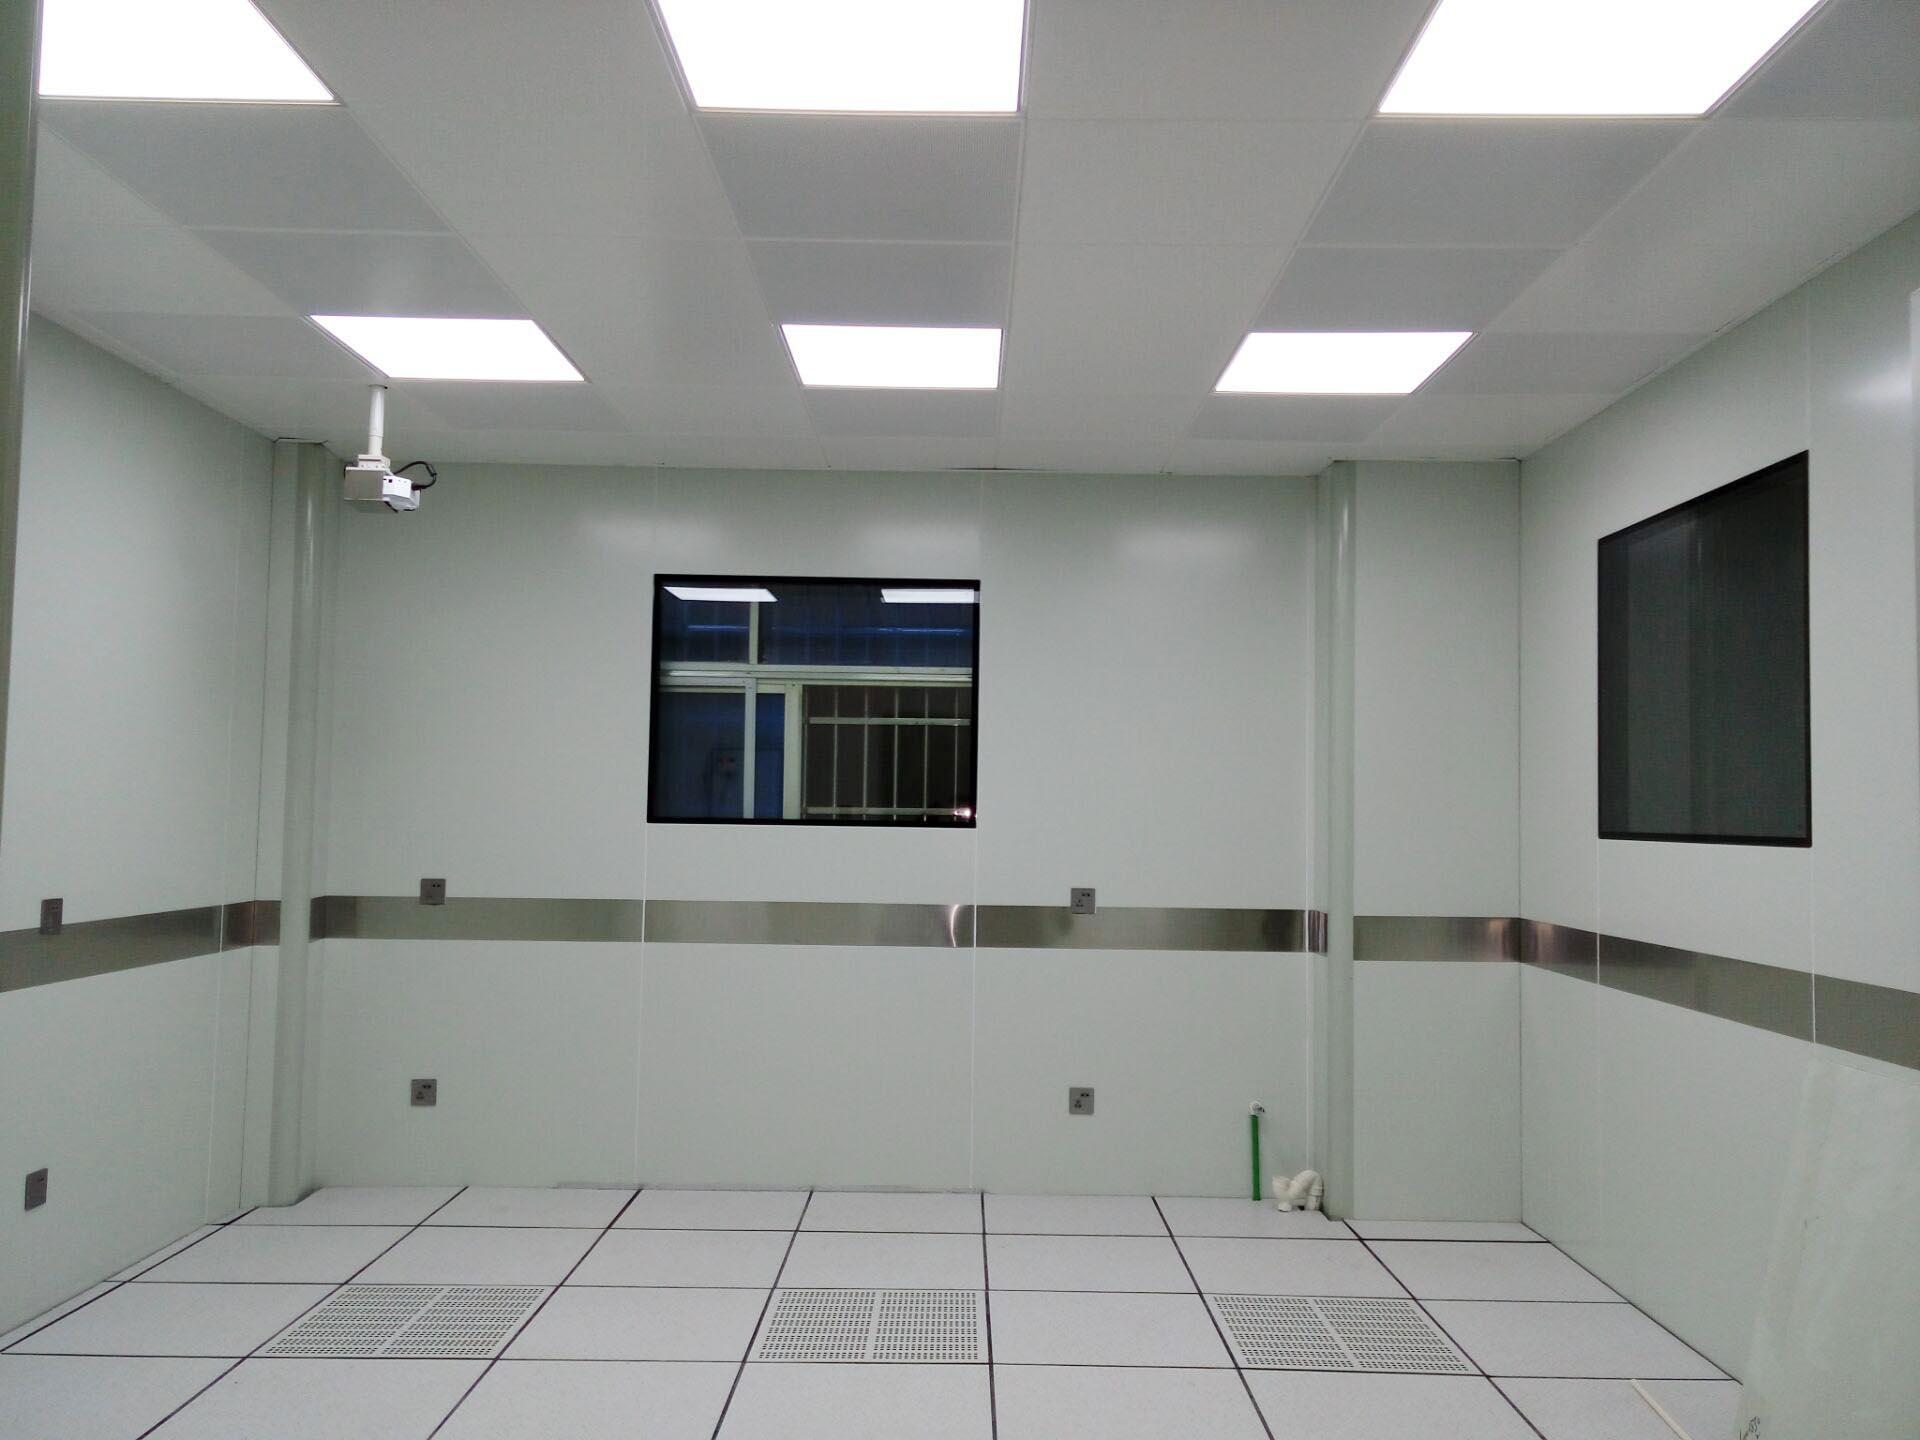 SK-BRS300W步入式恒温恒湿环境试验室